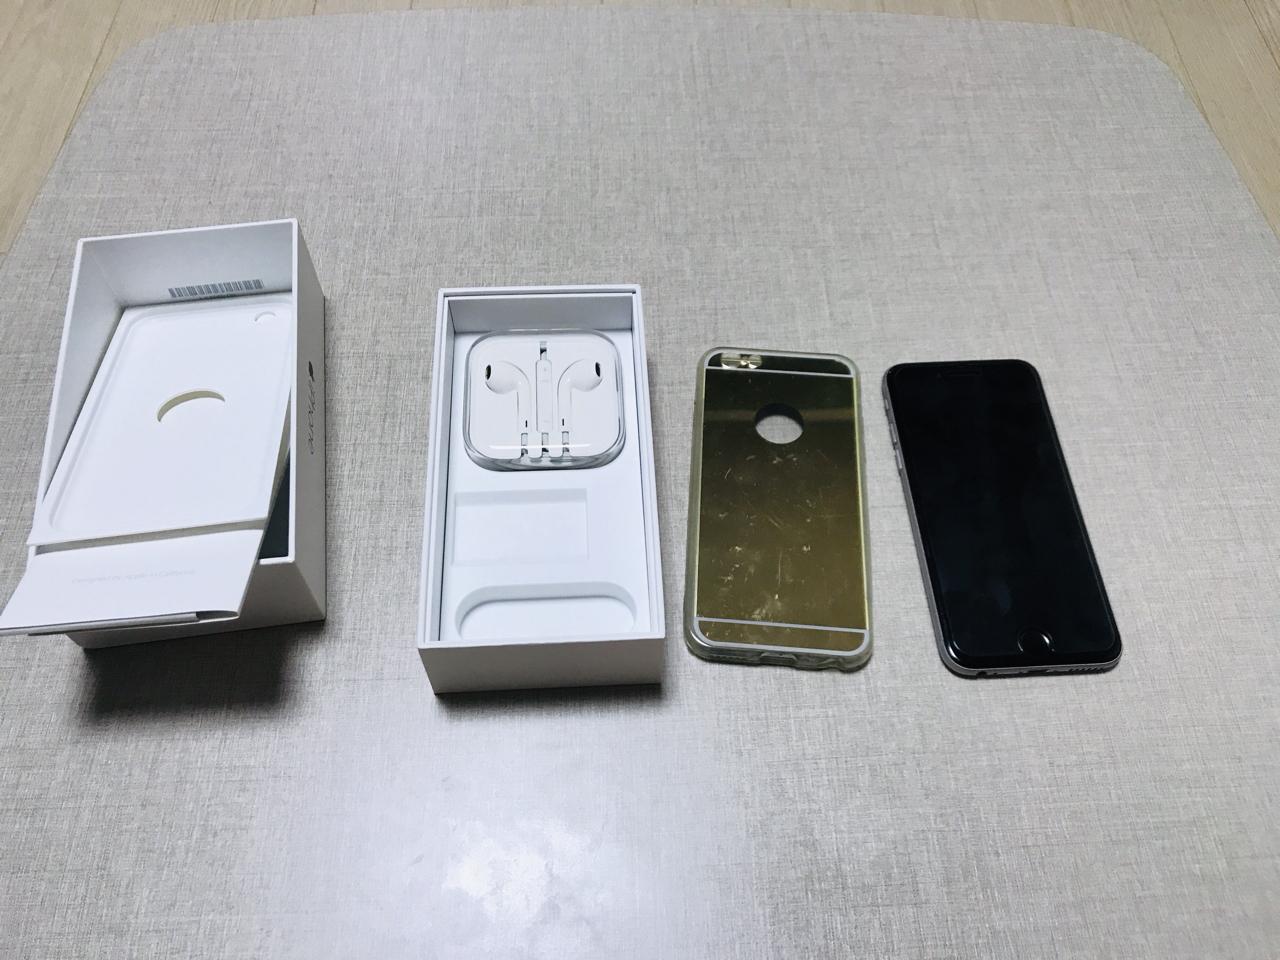 아이폰6 16g 판매합니다